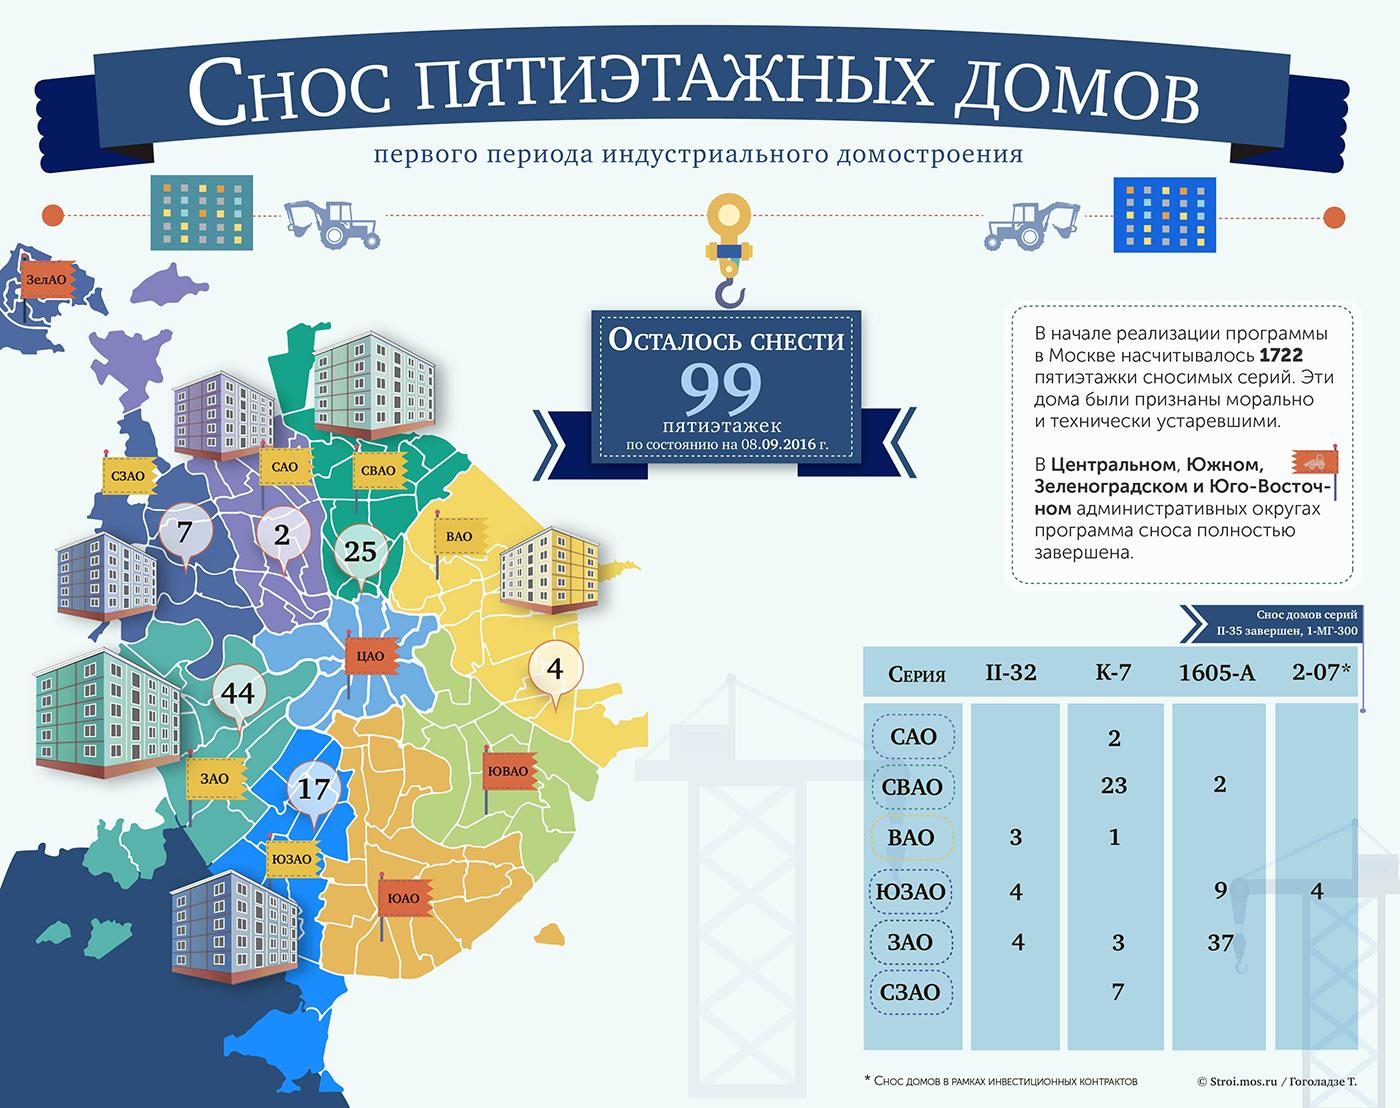 Доконца года вКоньково снесут 9 пятиэтажек